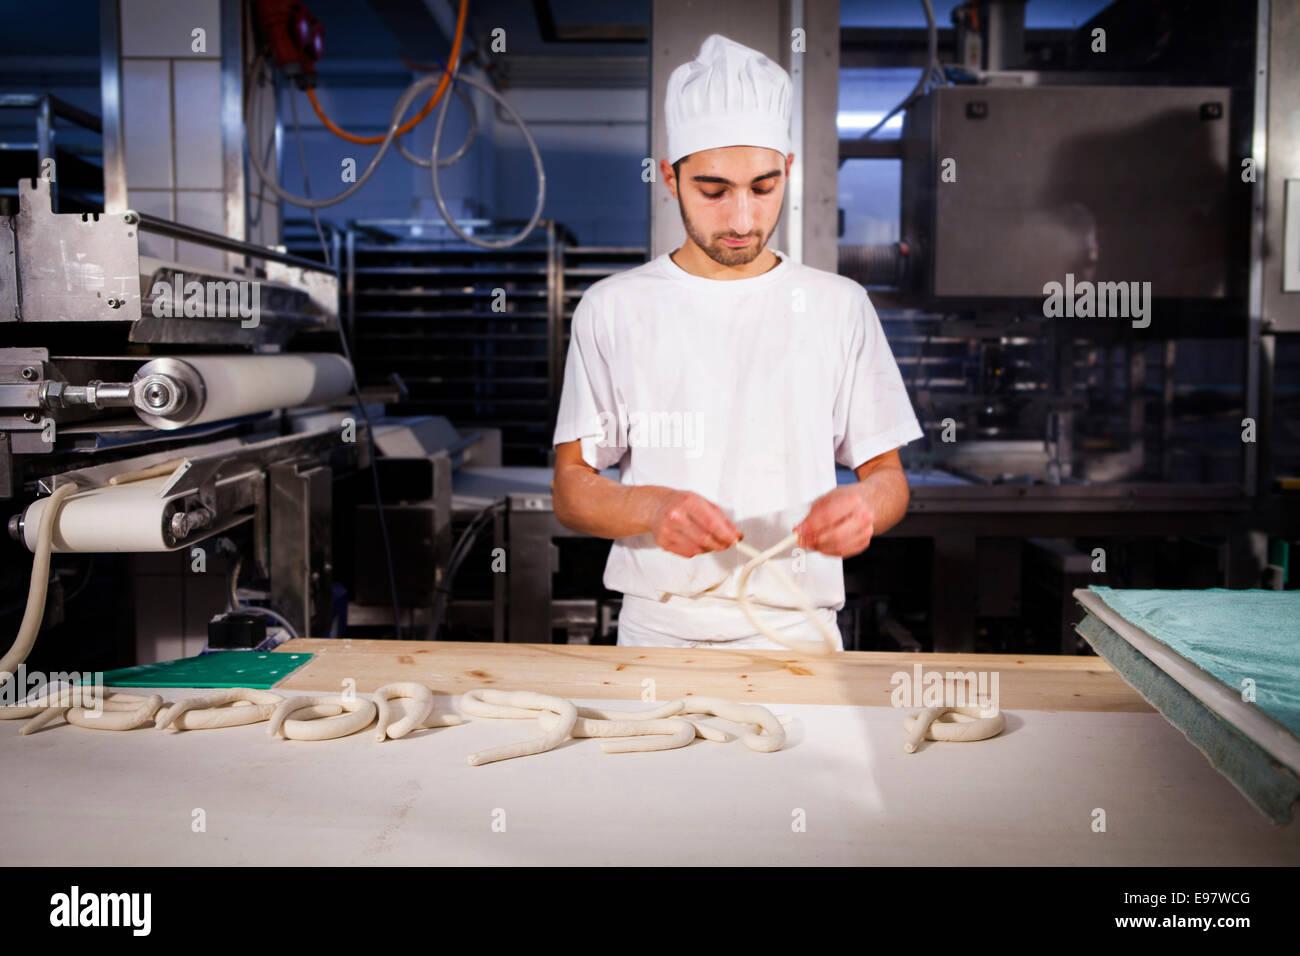 Baker making pretzel dough - Stock Image